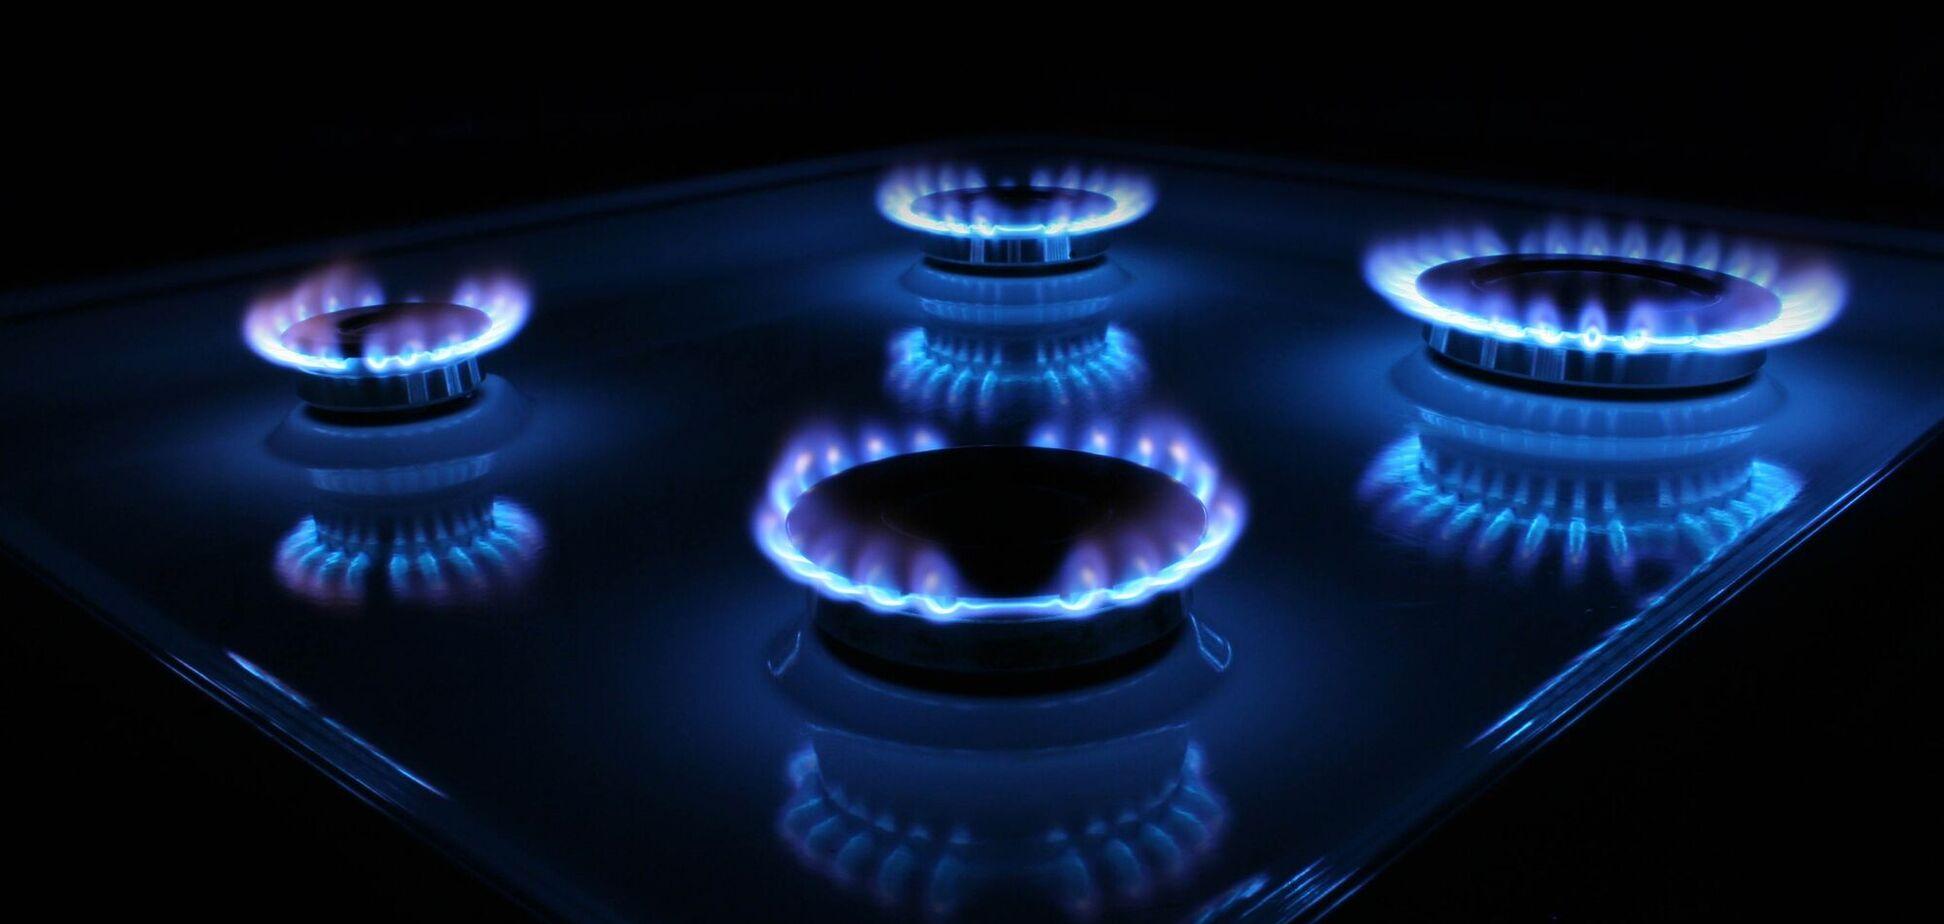 Споживачі зможуть оформити договори на газопостачання у відділеннях 'Ощадбанку'